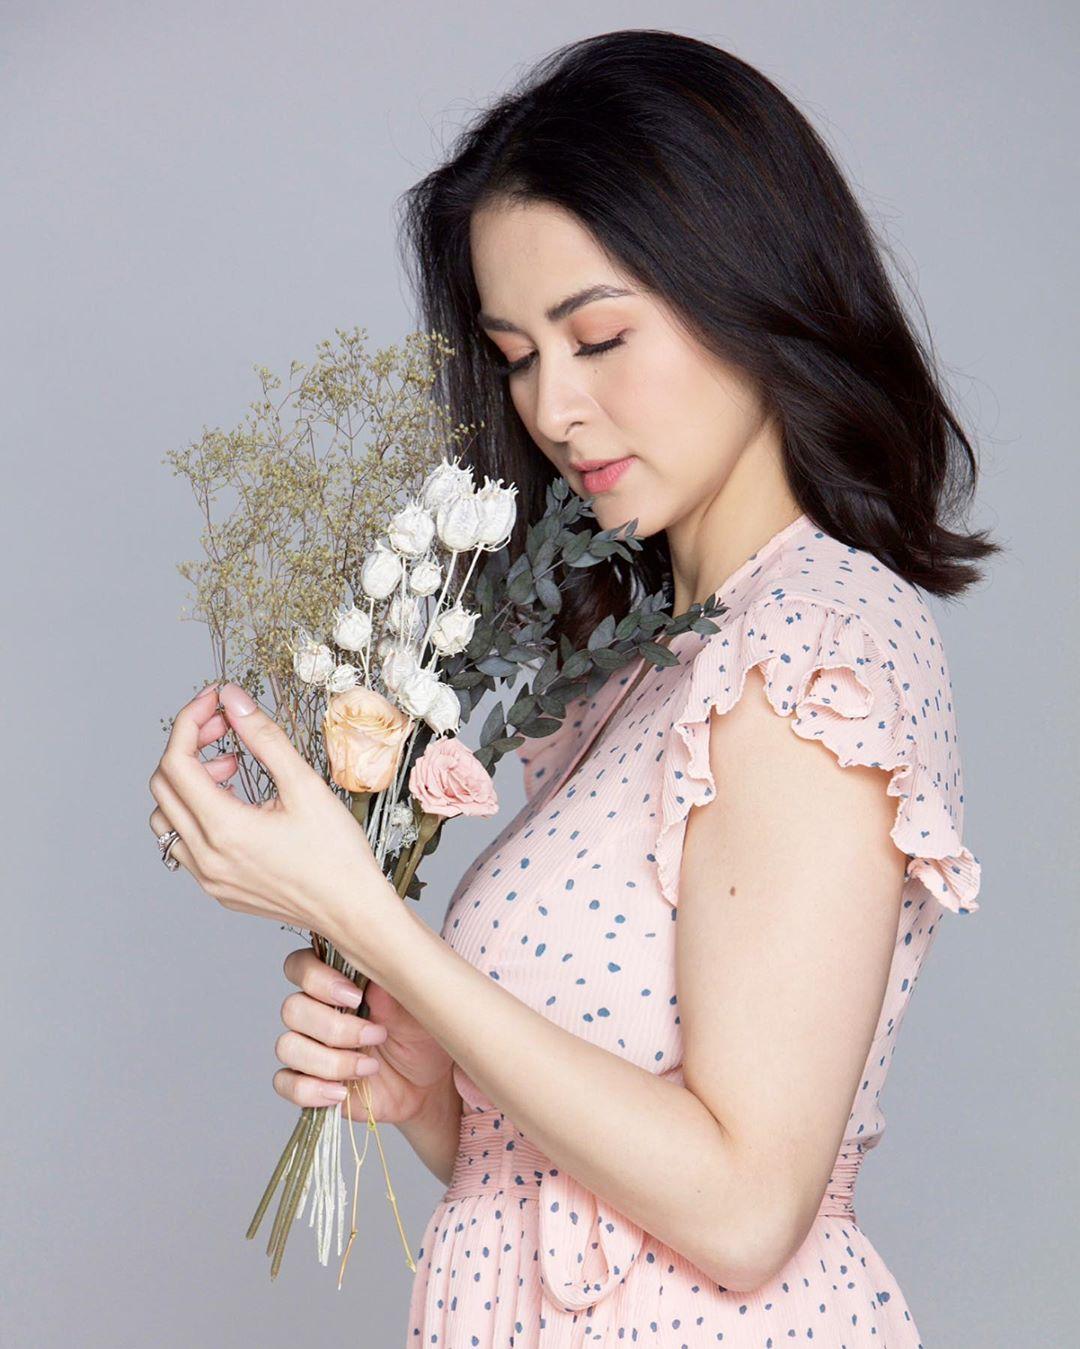 """Người đàn bà này chẳng cần phấn son vẫn quả thực """"đẹp nhất Philippines"""" - 2"""